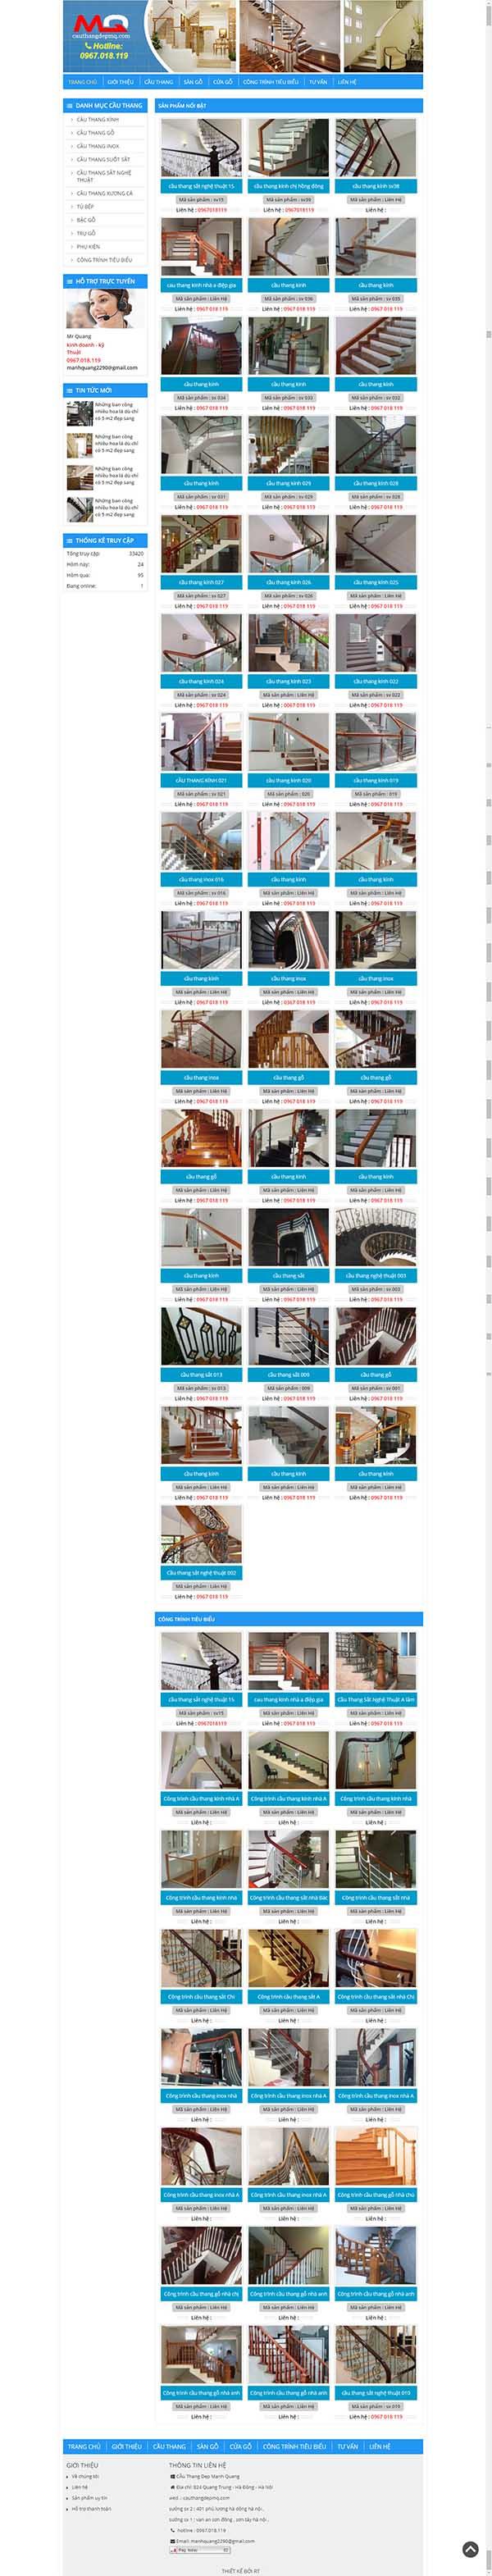 Thiết kế Mẫu website về cầu thang 05